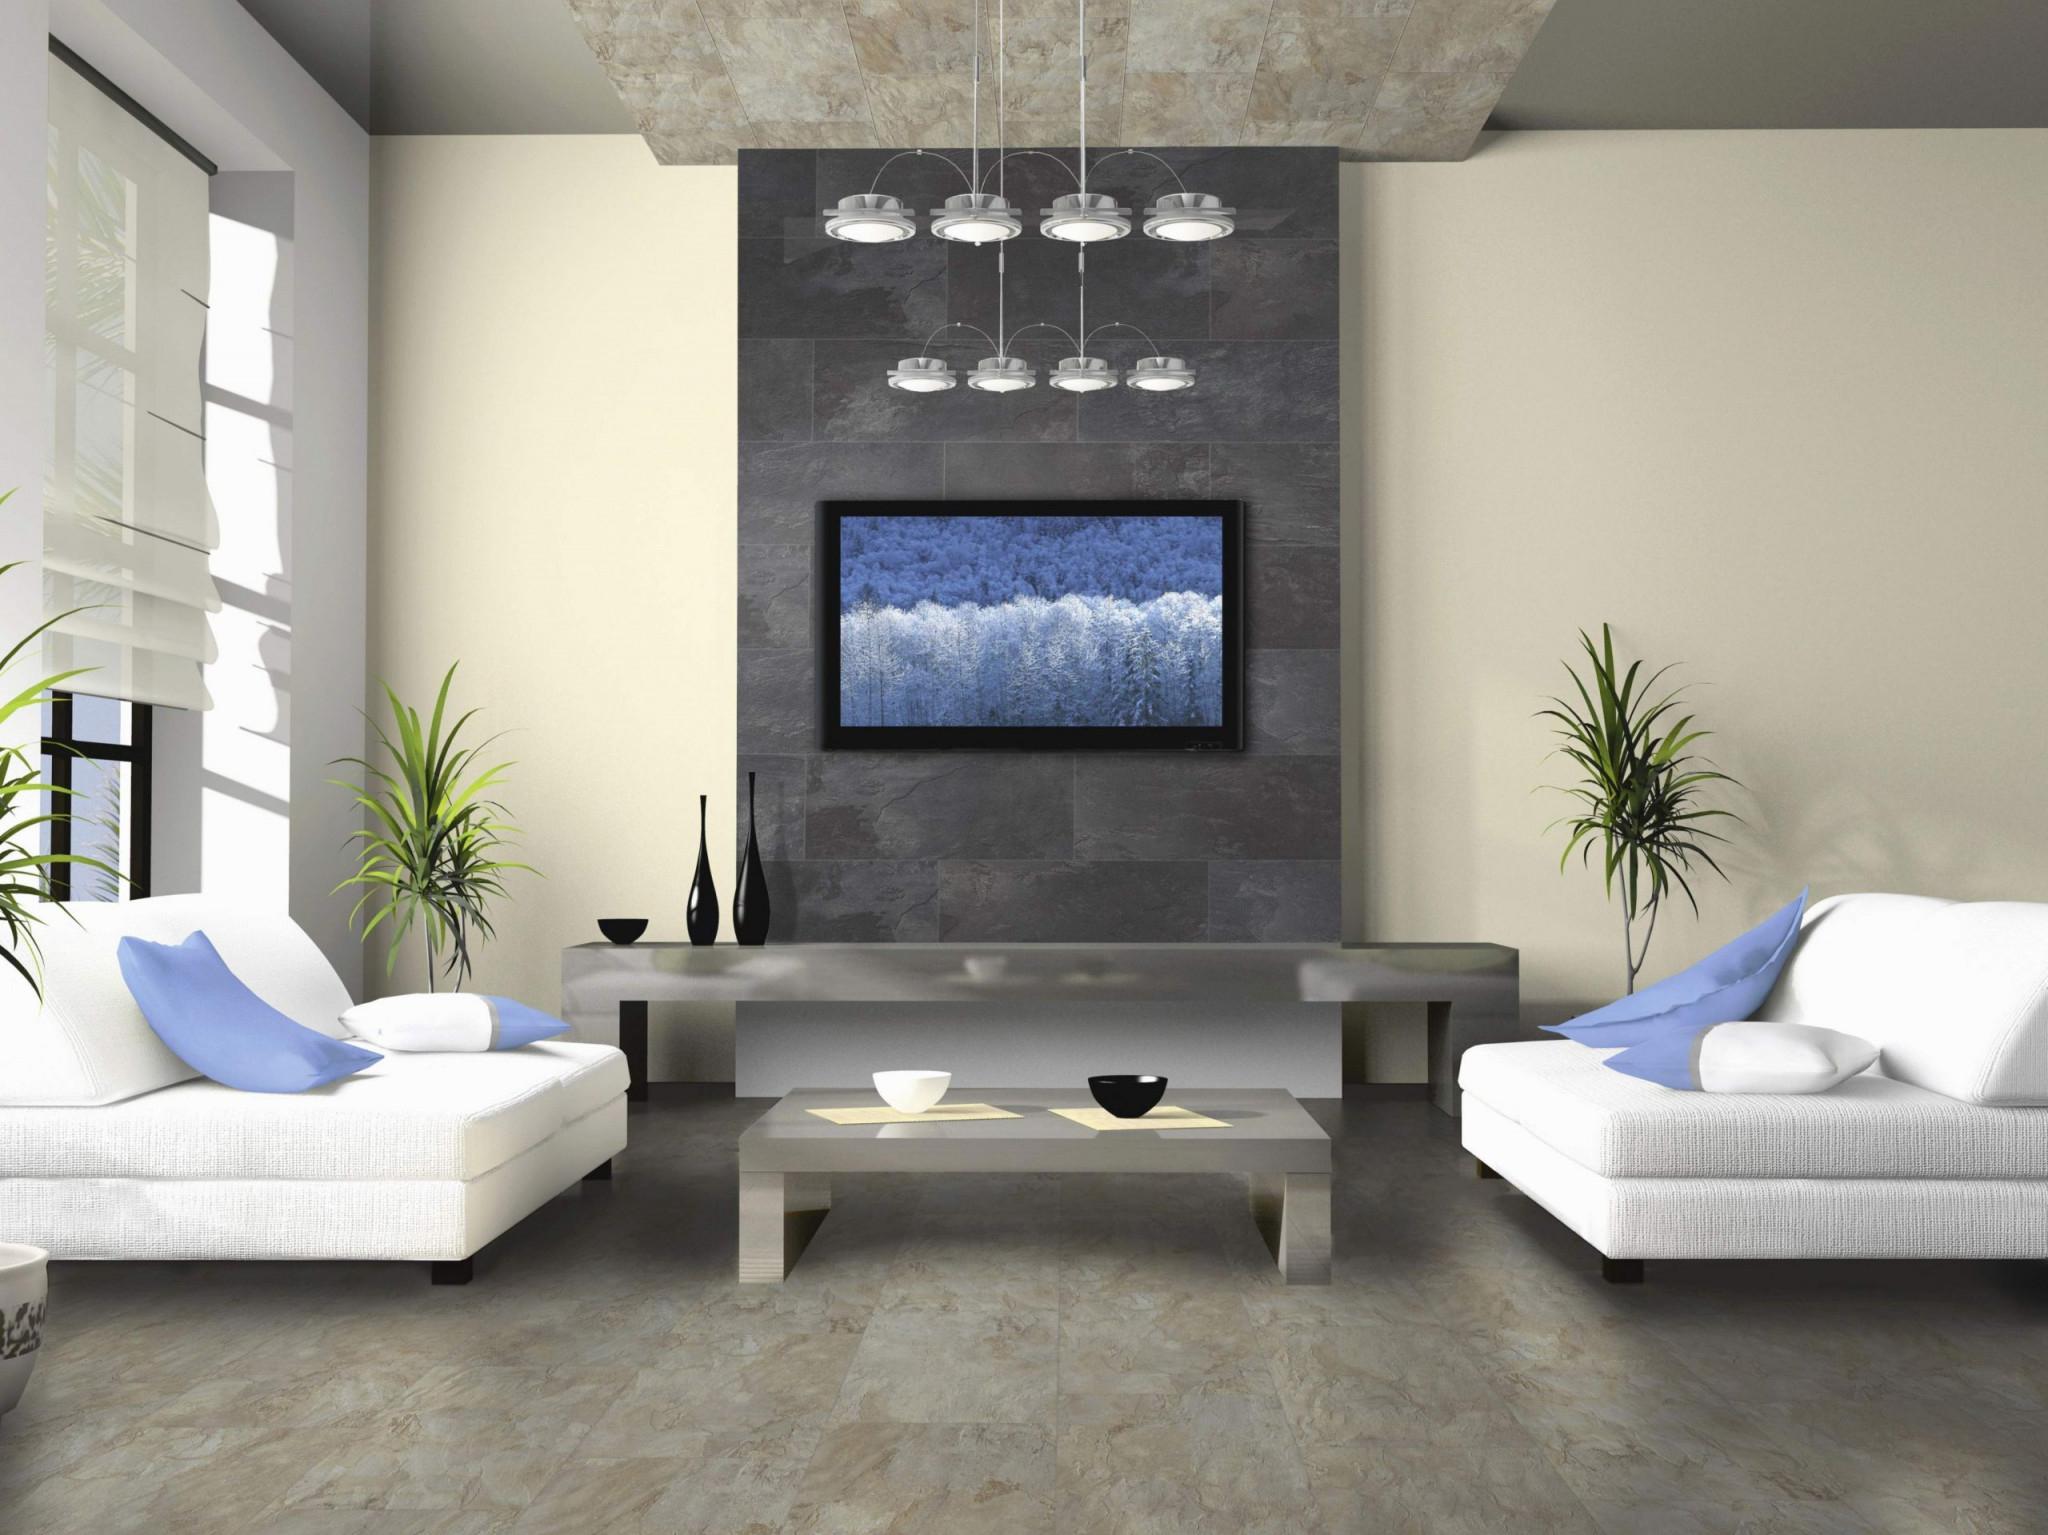 27 Luxus Moderne Deko Wohnzimmer Elegant  Wohnzimmer Frisch von Moderne Deko Wohnzimmer Photo